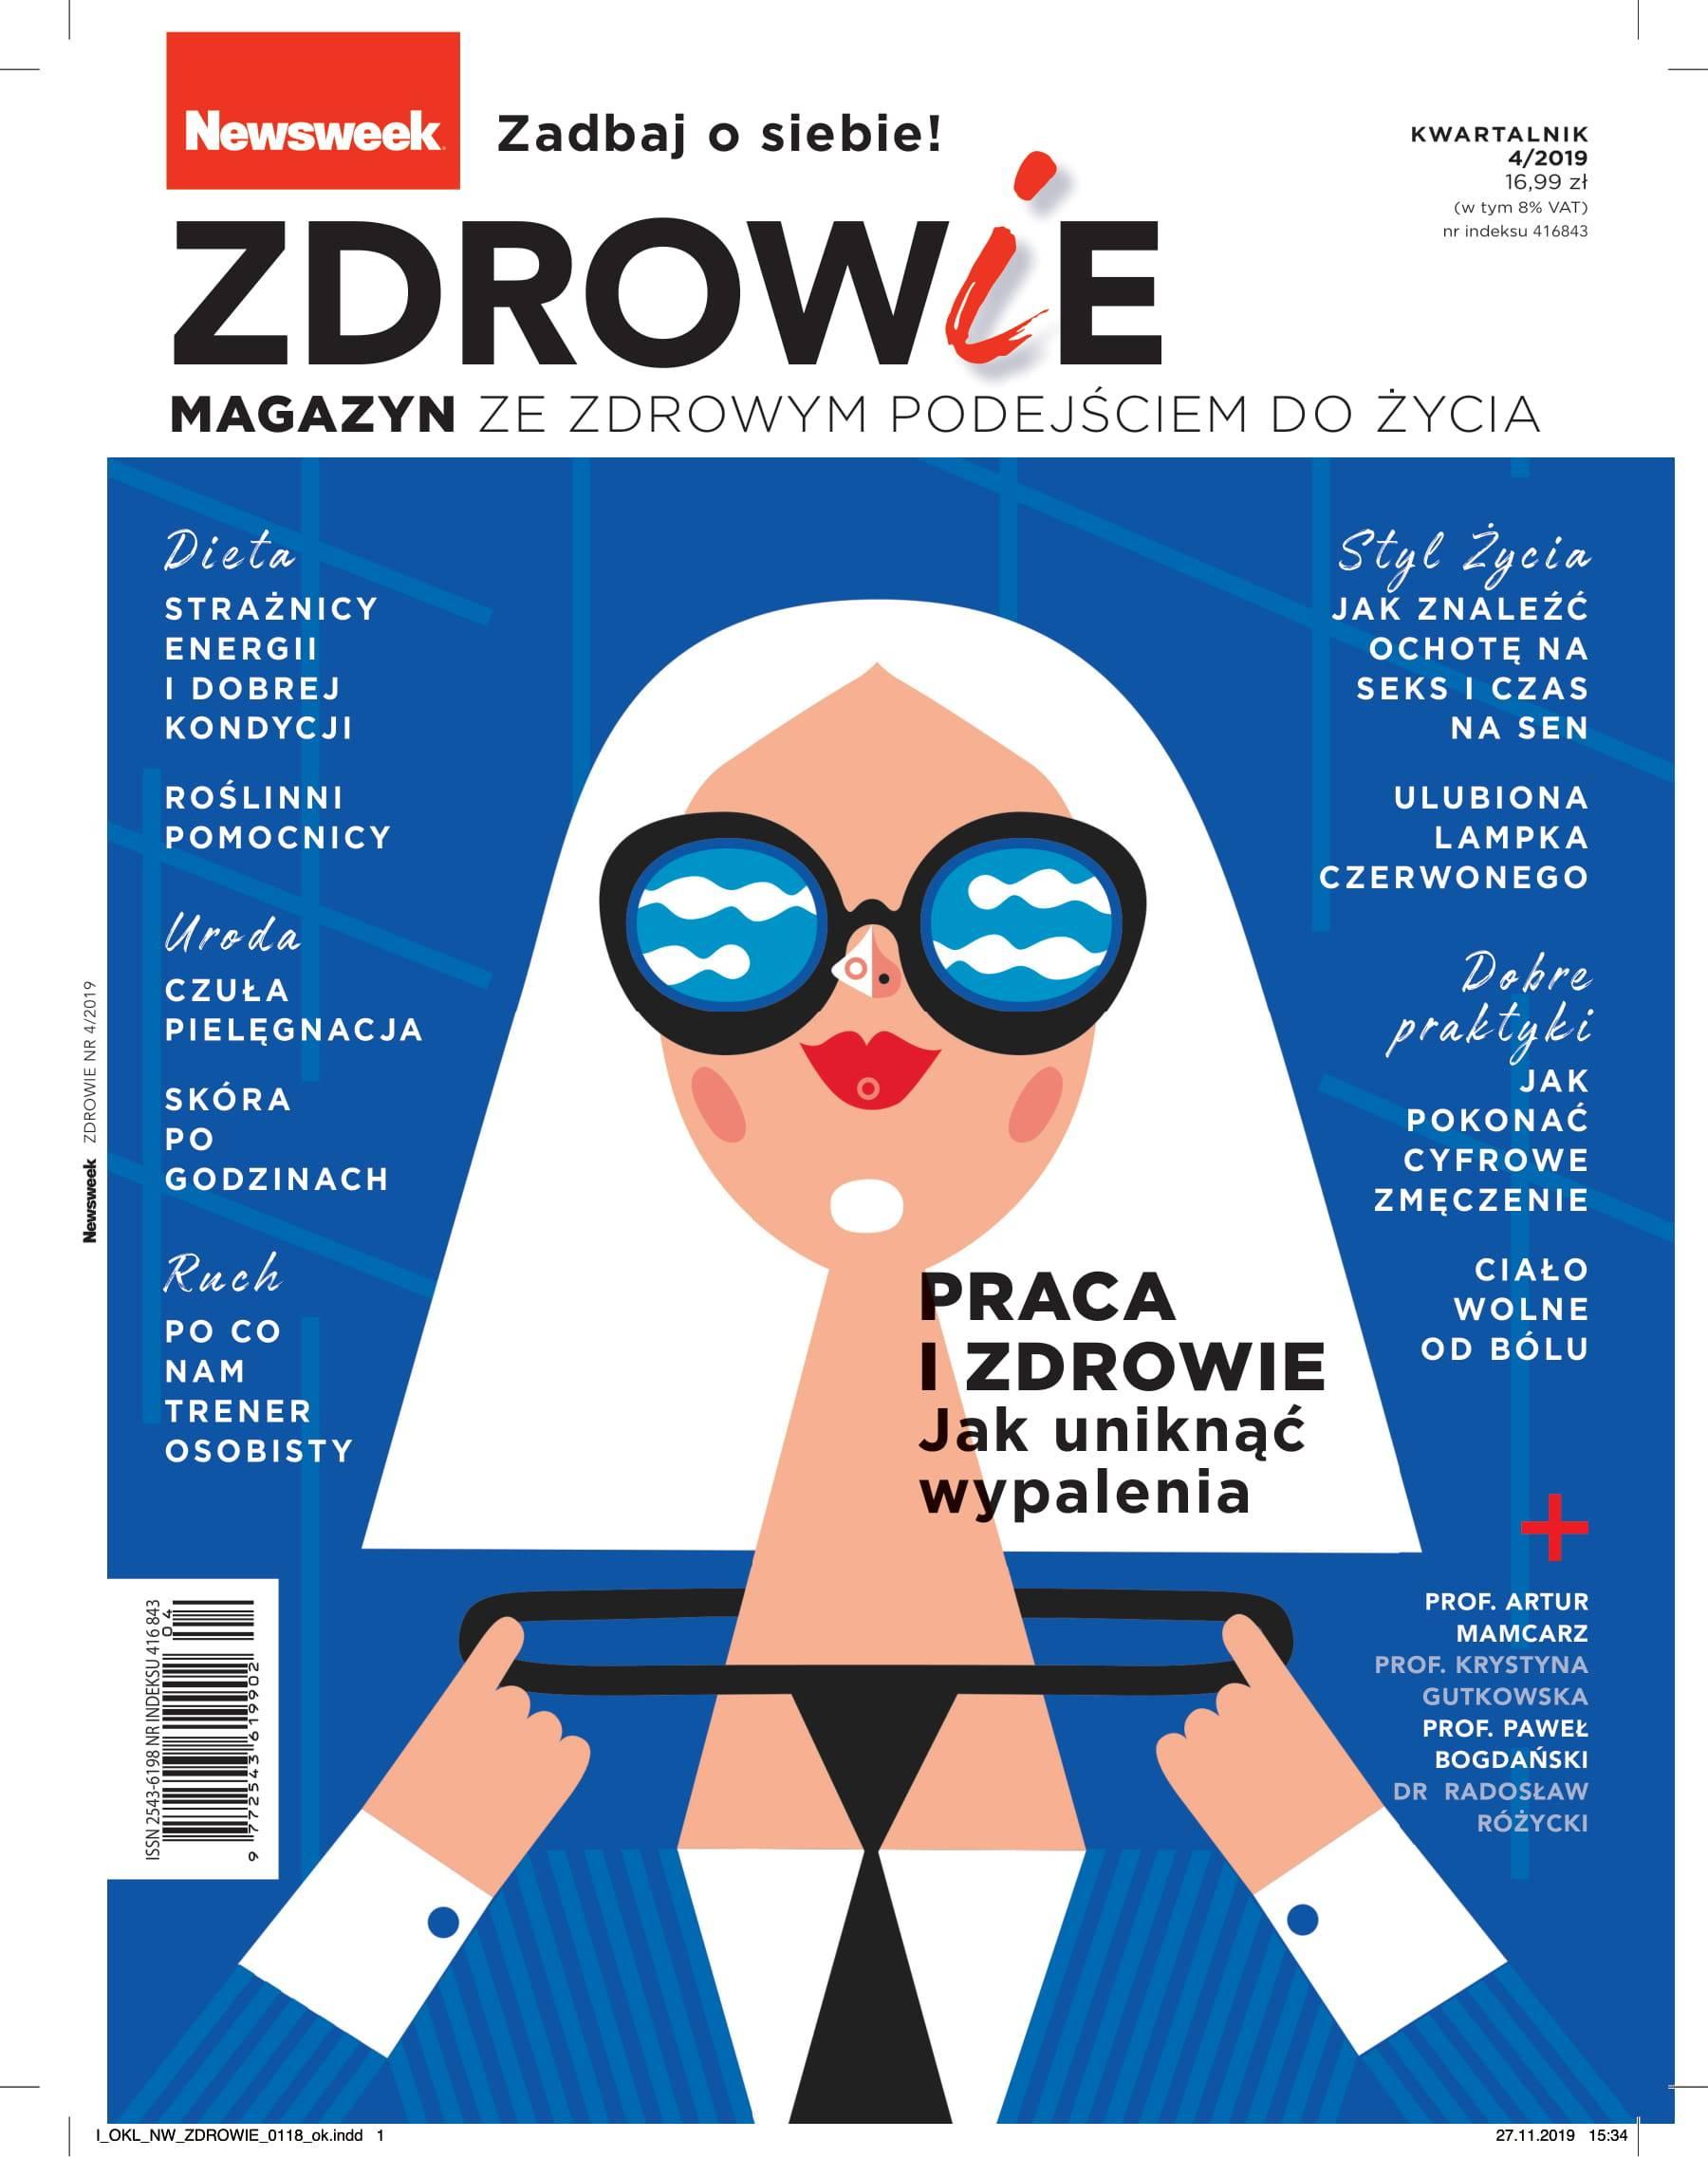 Okładka Newsweeka - Maski stresu.